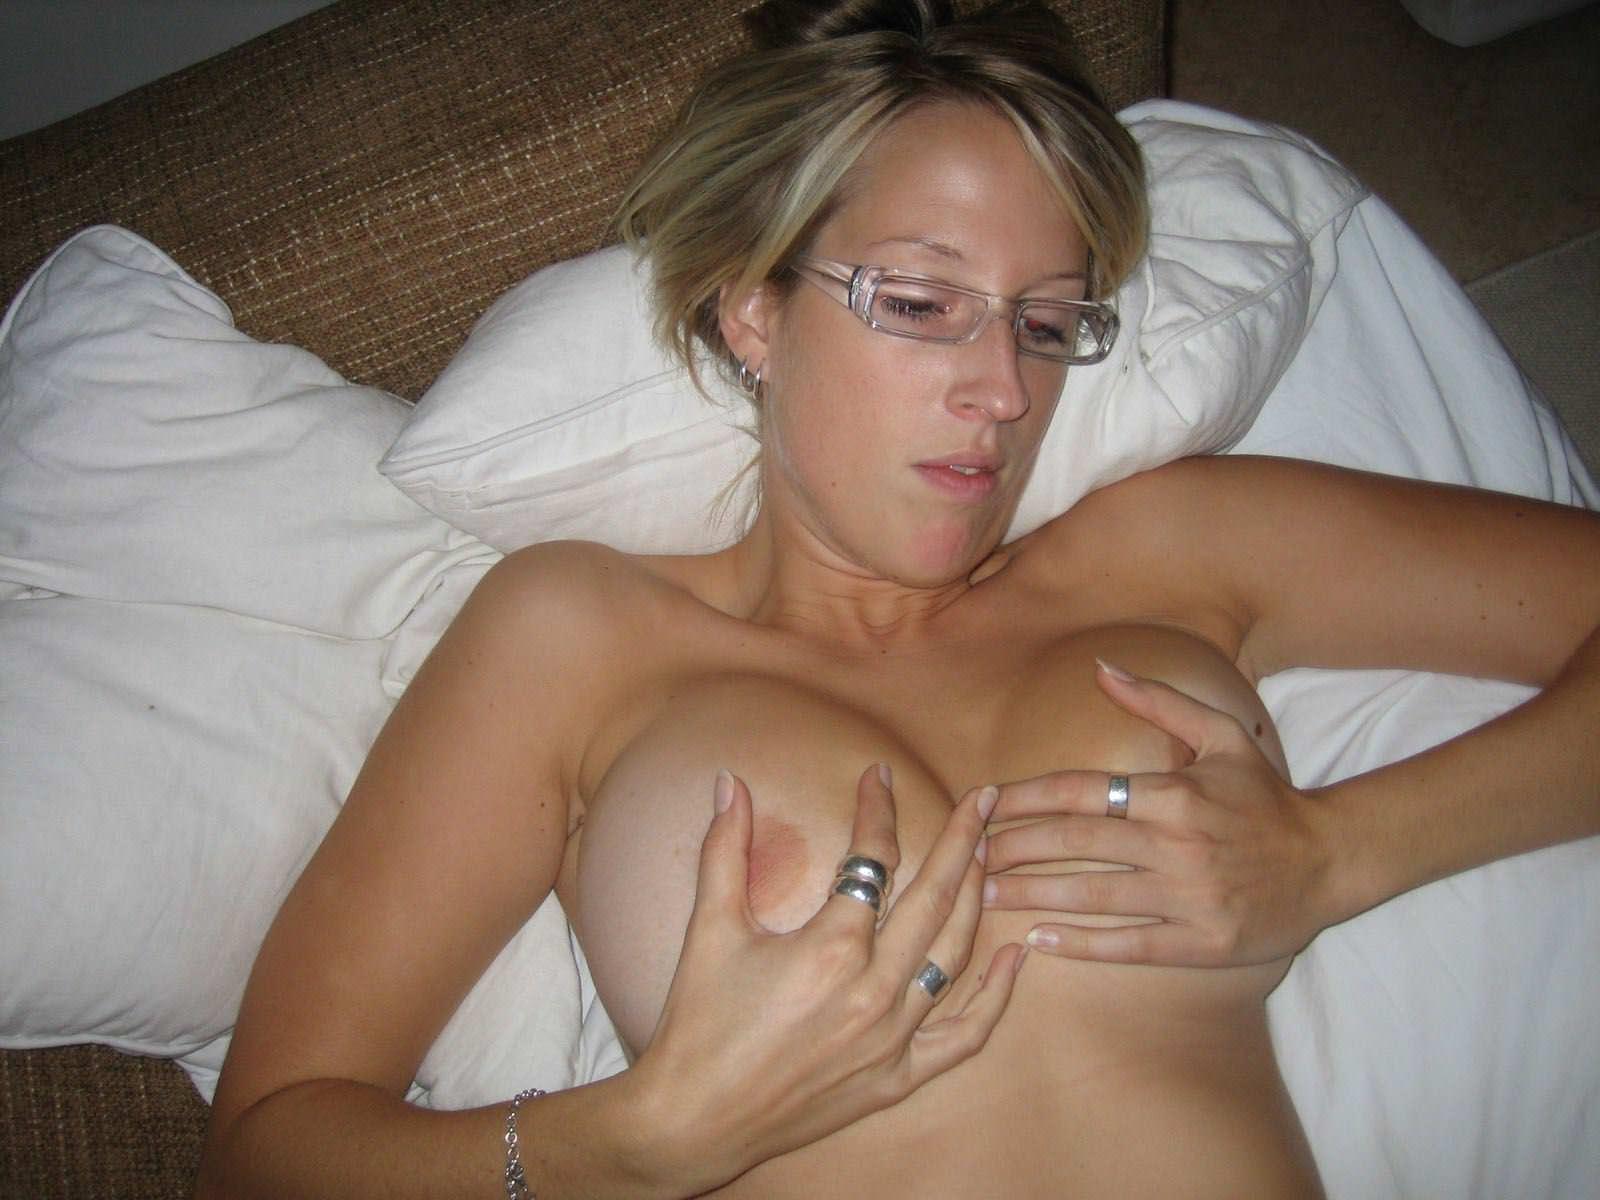 【外人】スウェーデンの金髪素人美女が彼氏とエッチして妊娠した姿を晒すポルノ画像 3326